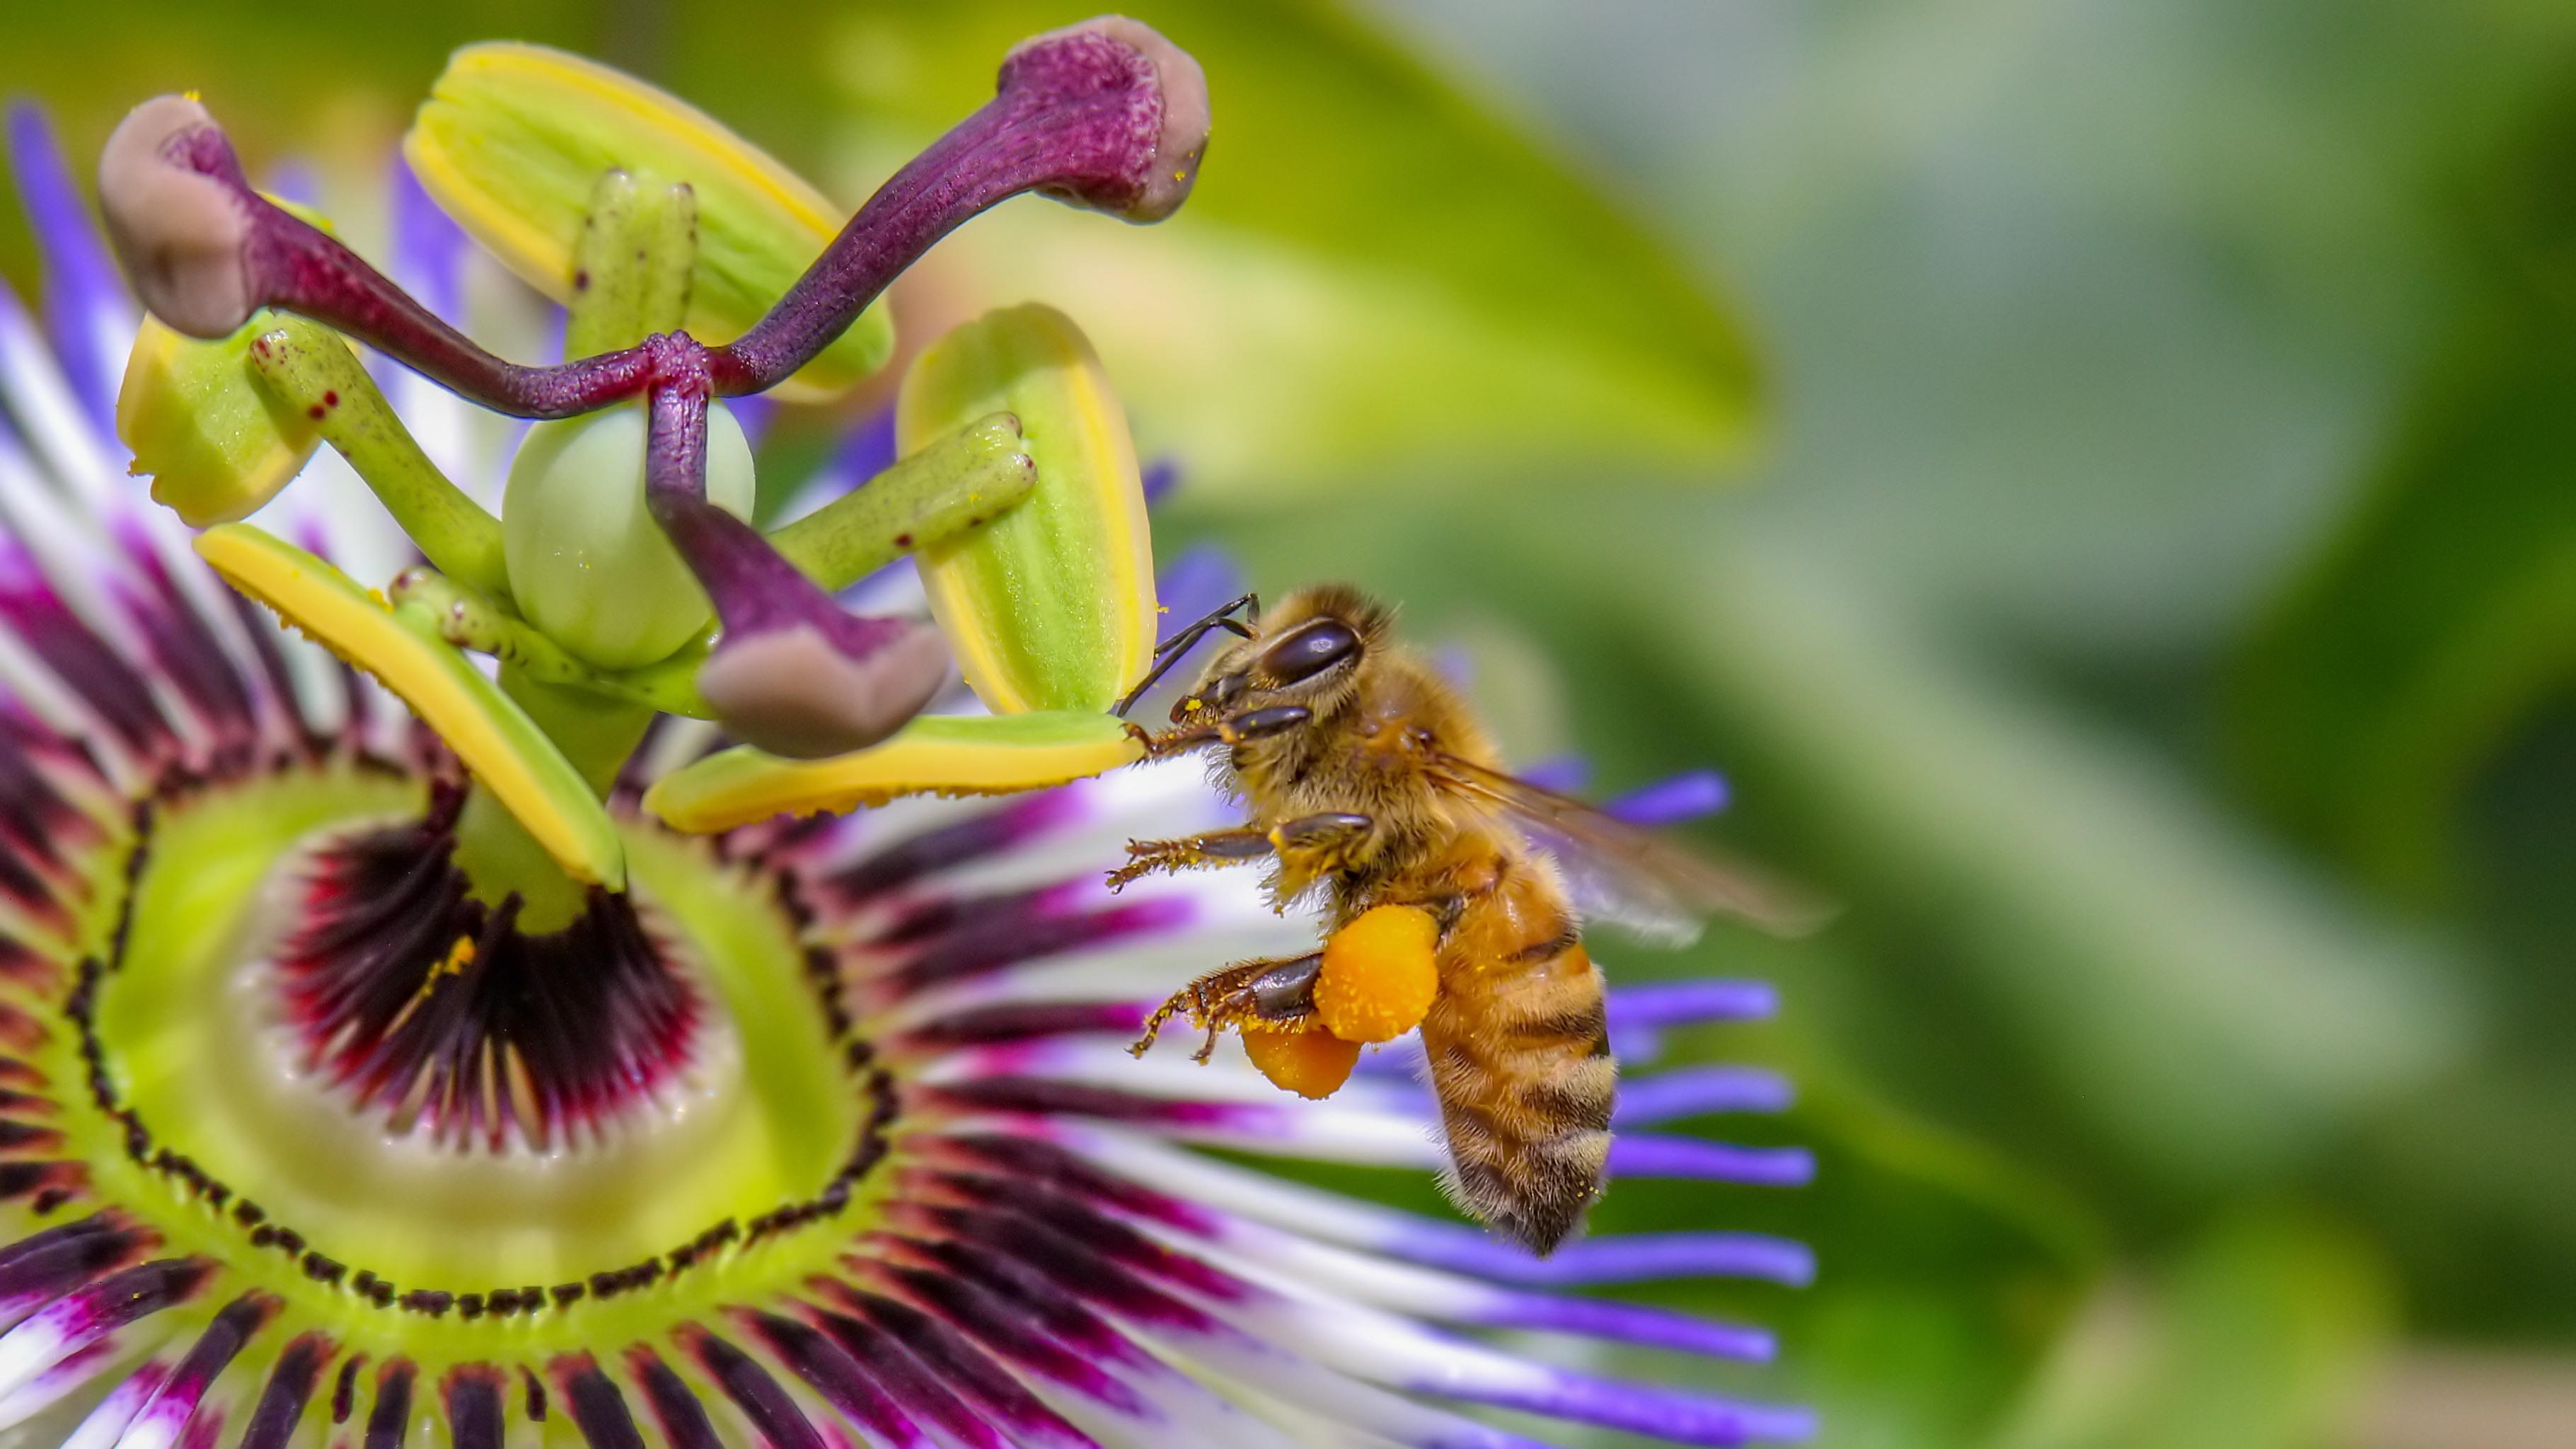 Winnaars fotowedstijd Groene Cirkel Bijenlandschap 2021 bekend